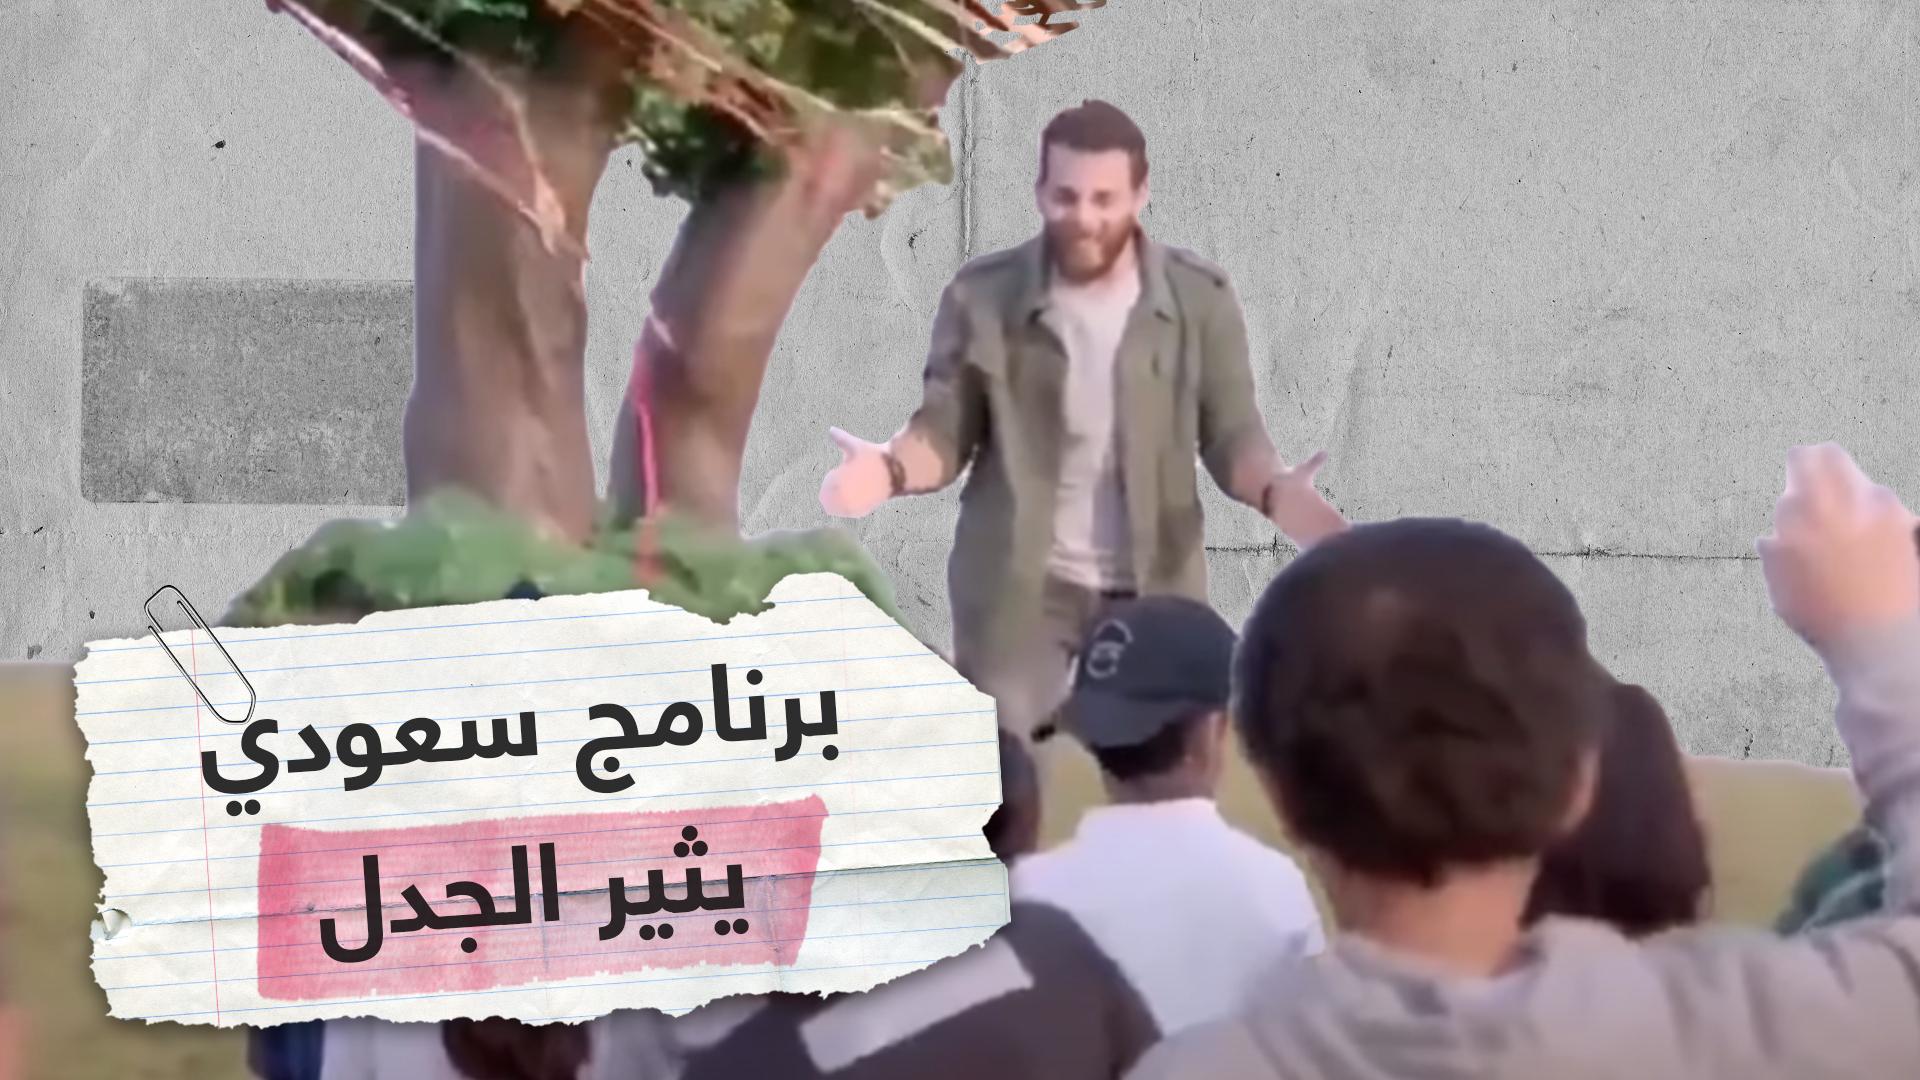 إيقاف برنامج سعودي للأطفال بسبب